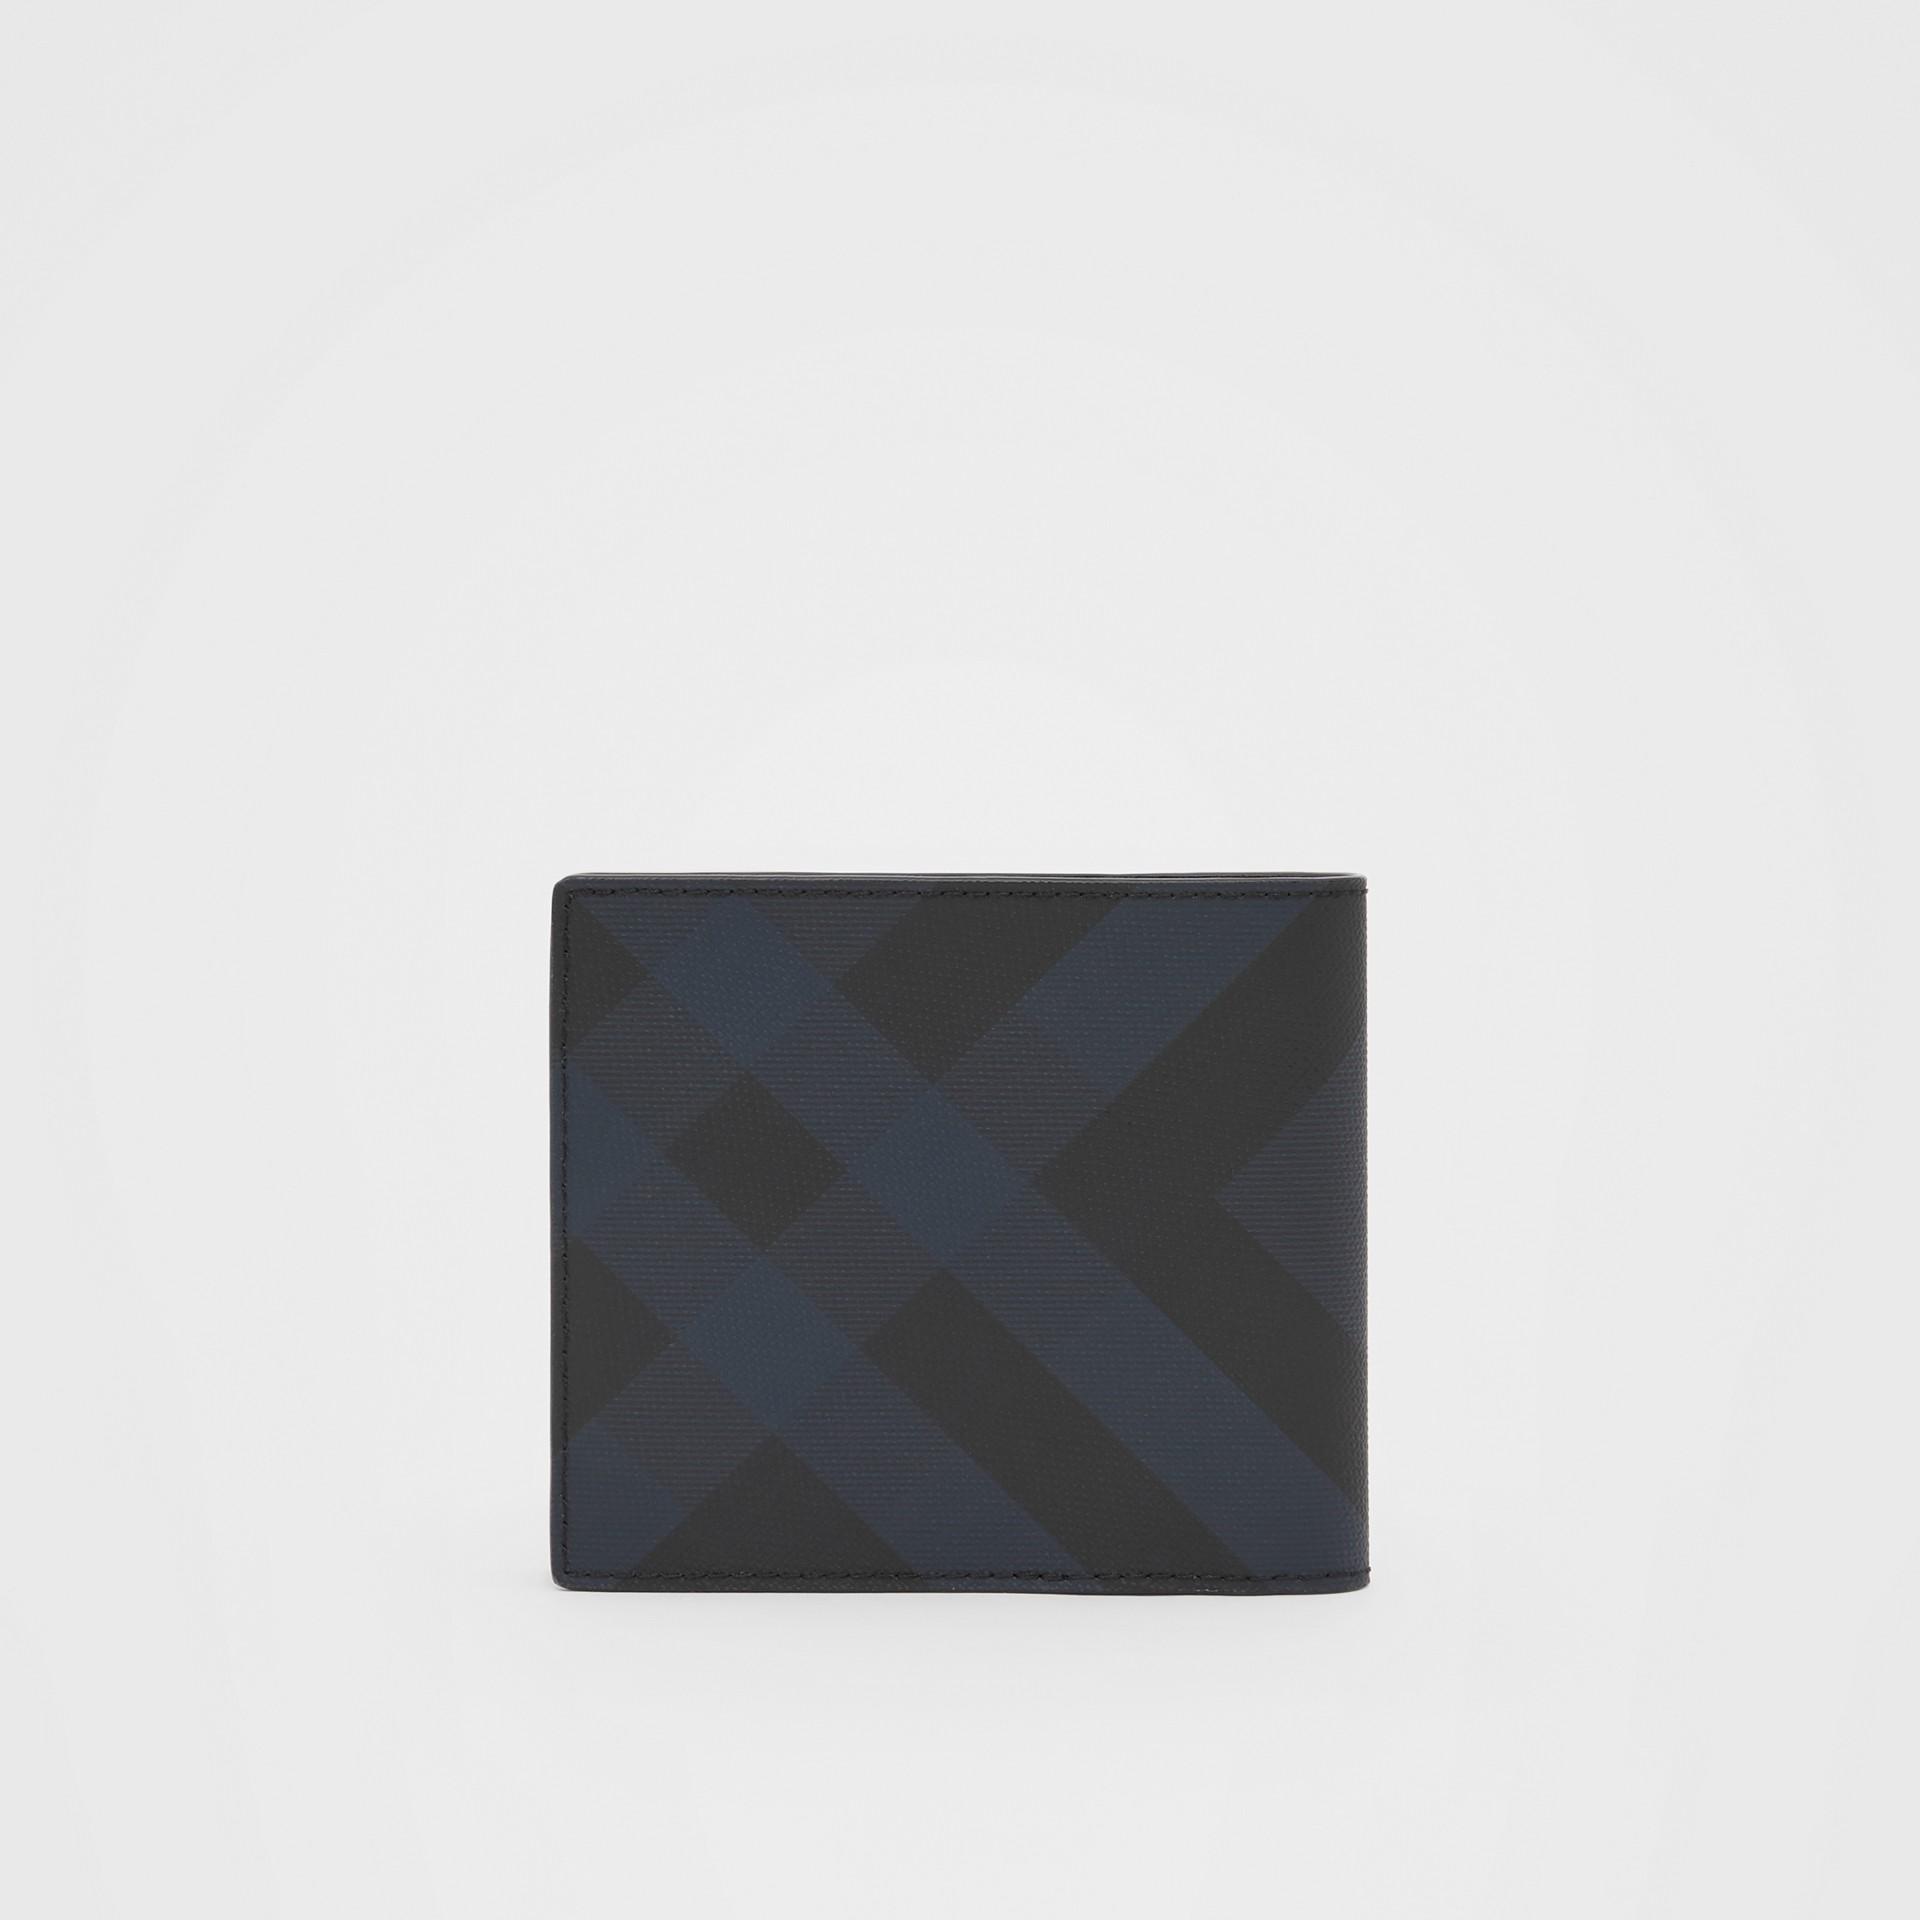 ロンドンチェック&レザー インターナショナル バイフォールドウォレット (ネイビー) - メンズ | バーバリー - ギャラリーイメージ 4